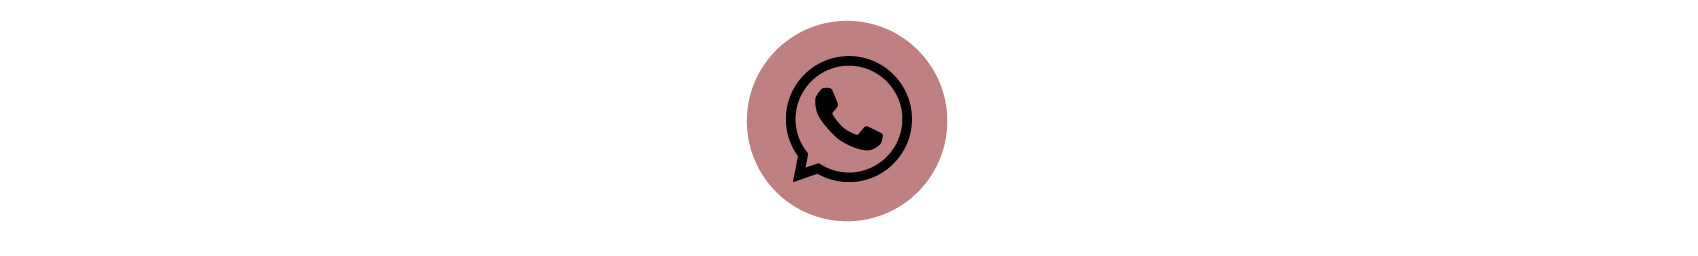 App meer info relatiegeschenken